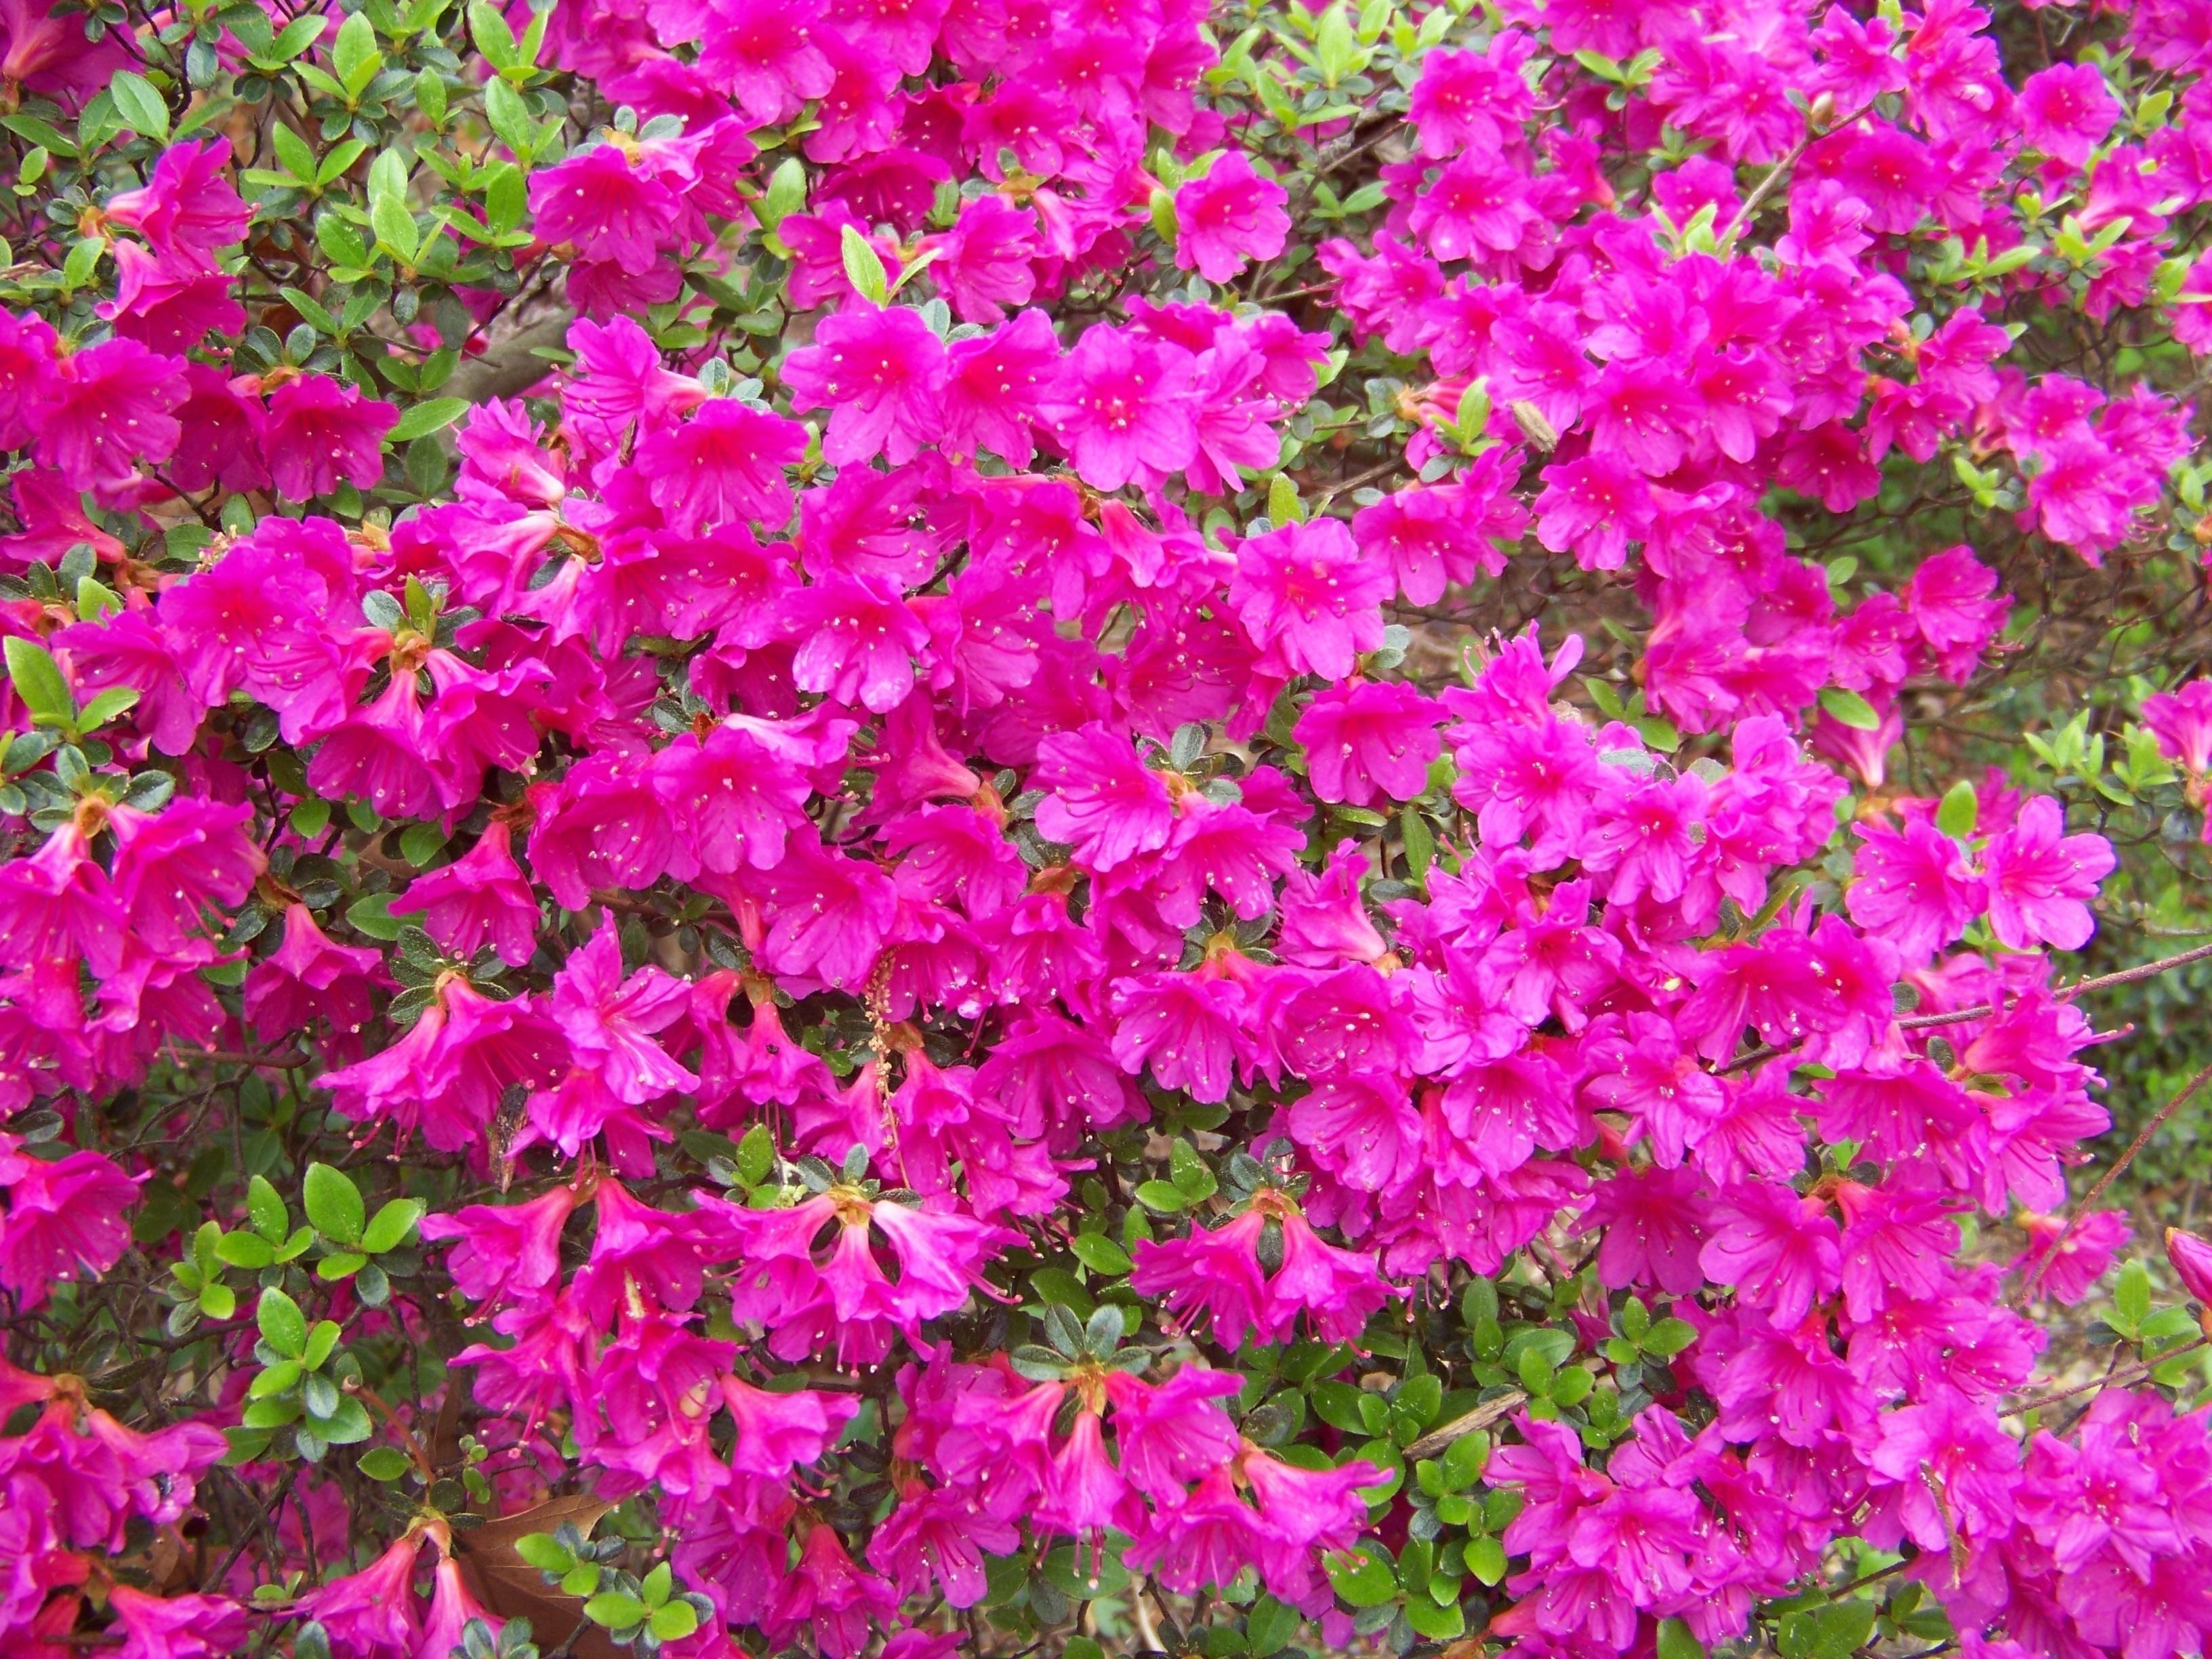 Bonsai azalea attrezzi e vasi per bonsai bonsai di azalea - Azalea foglie ...